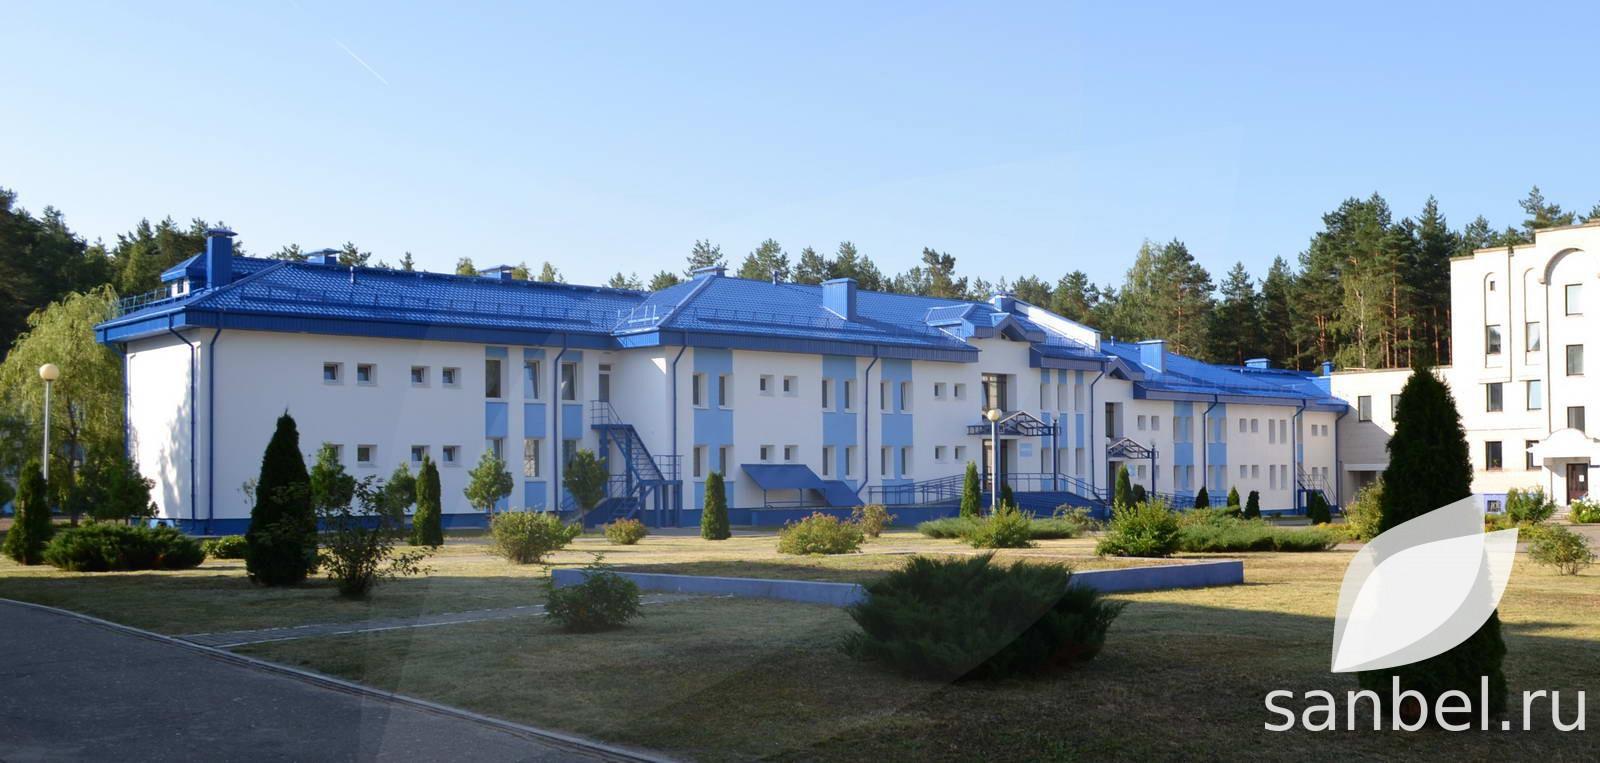 Туры в Санаторий Чаборок